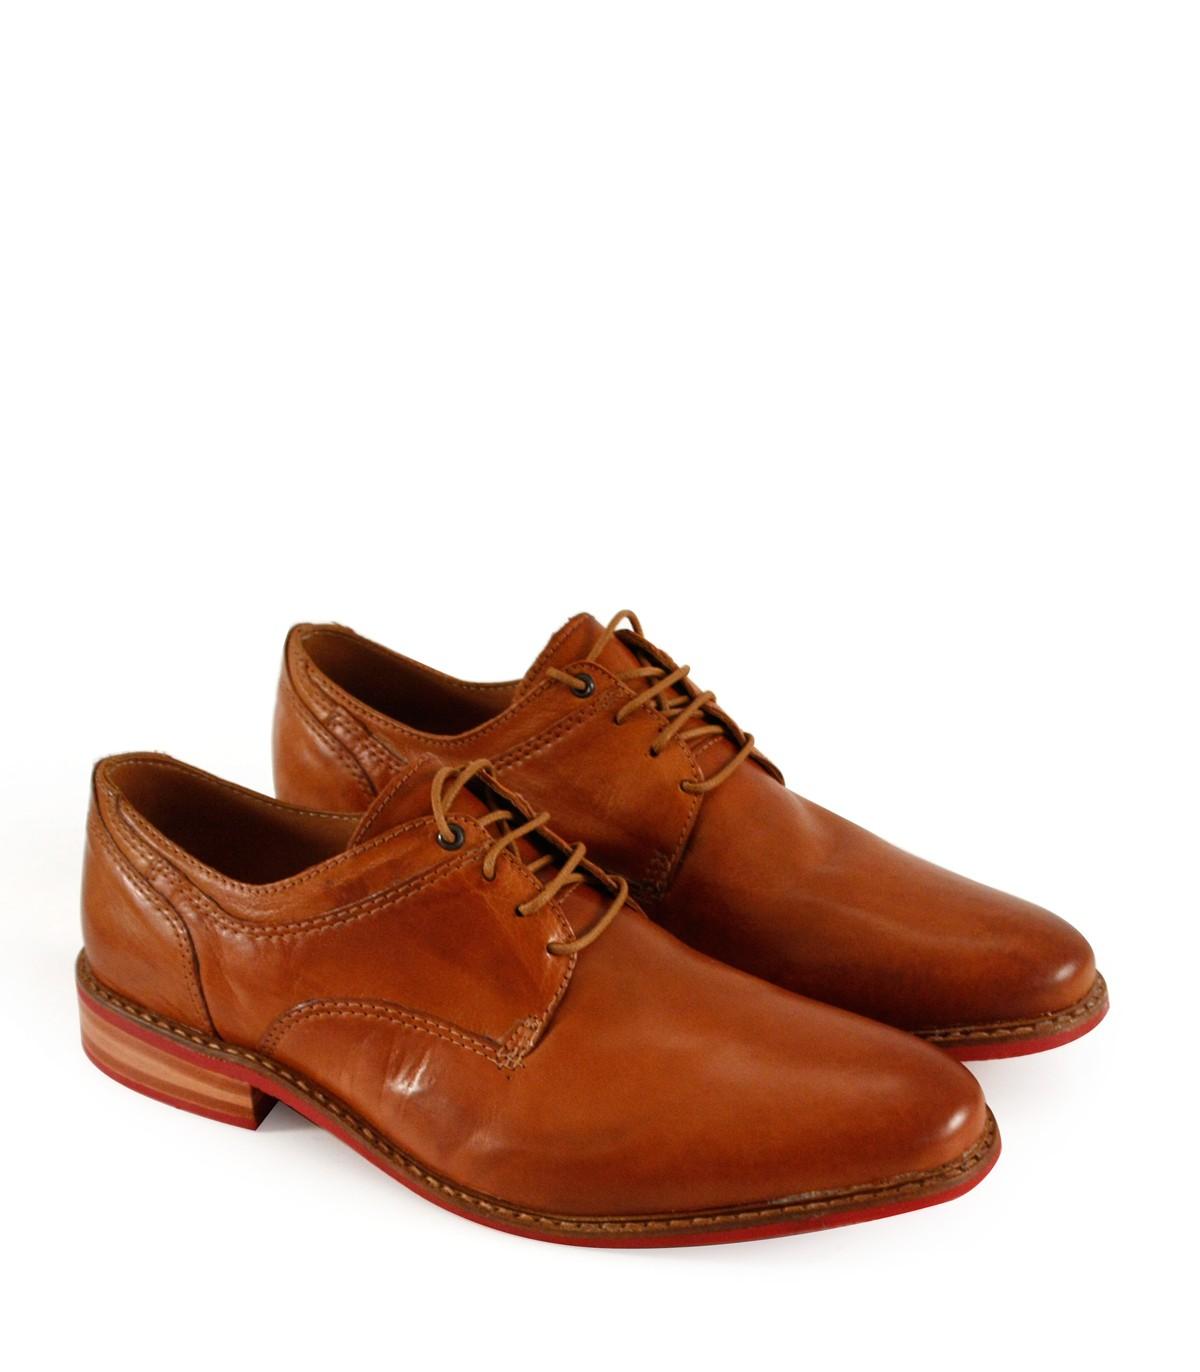 reunirse 03ecd 729b3 Zapatos de vestir de cuero en suela|Sandalias de hombre|Batistella